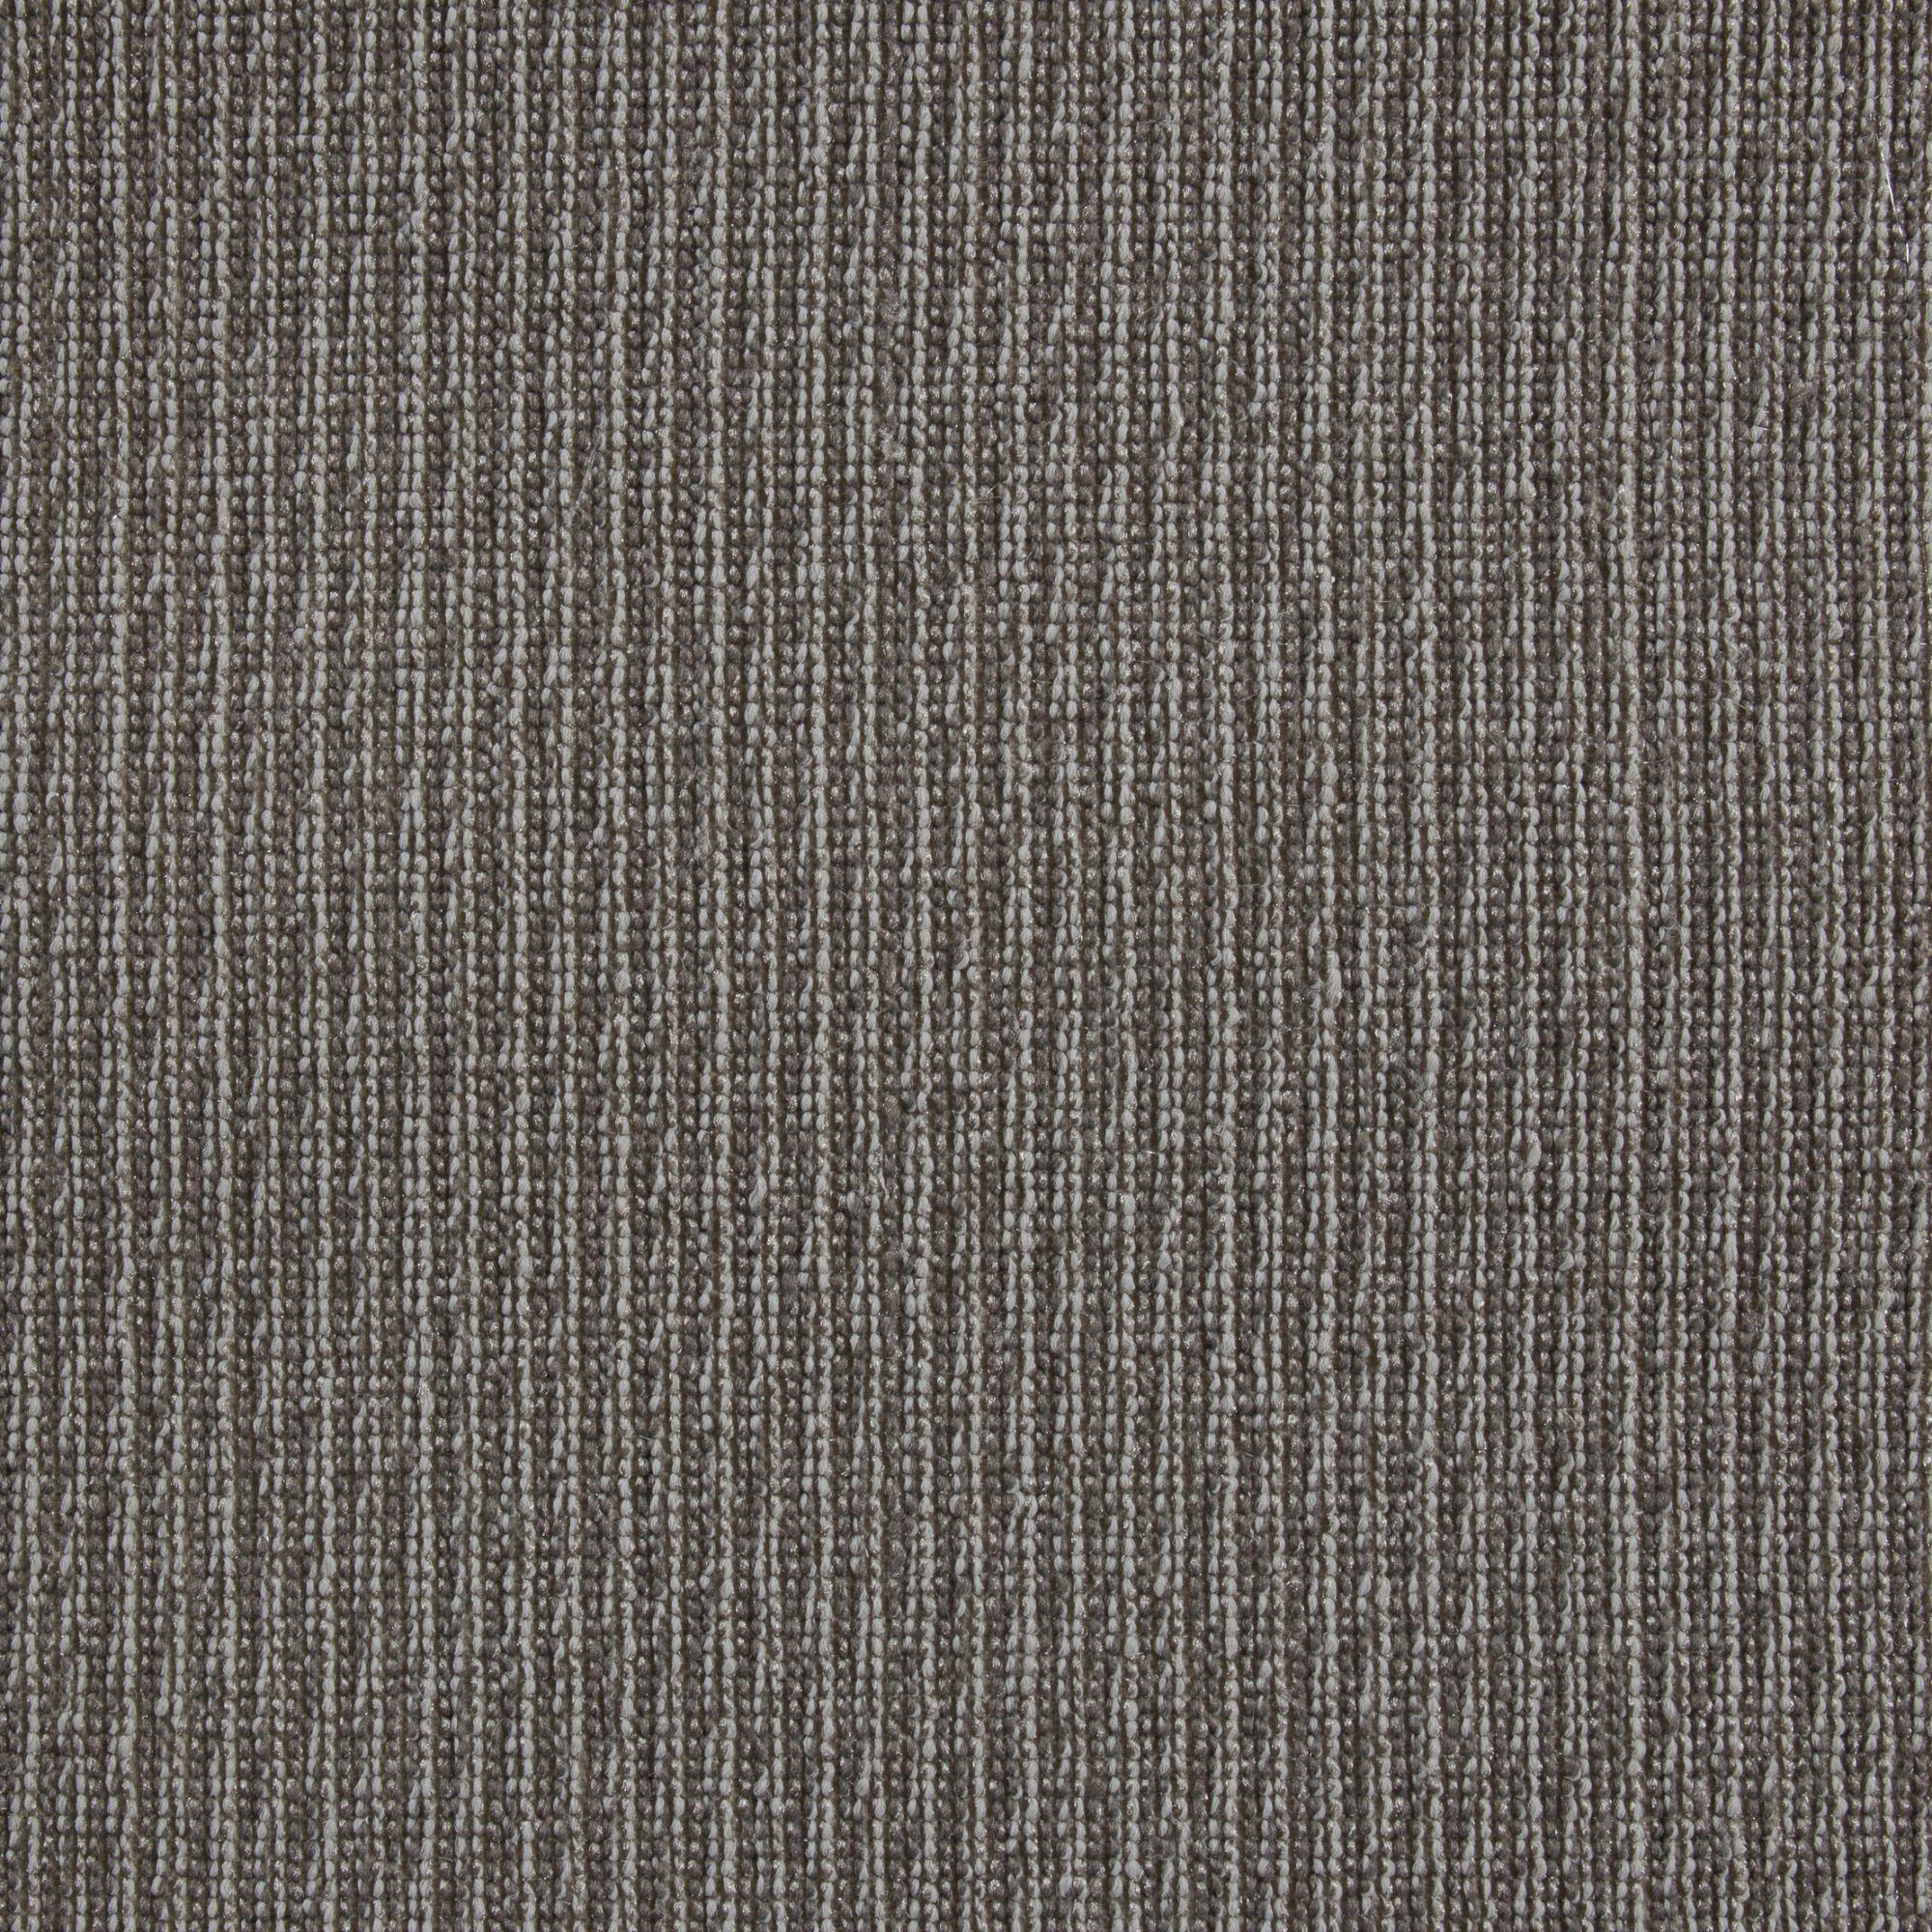 Durable (1078-E0905)